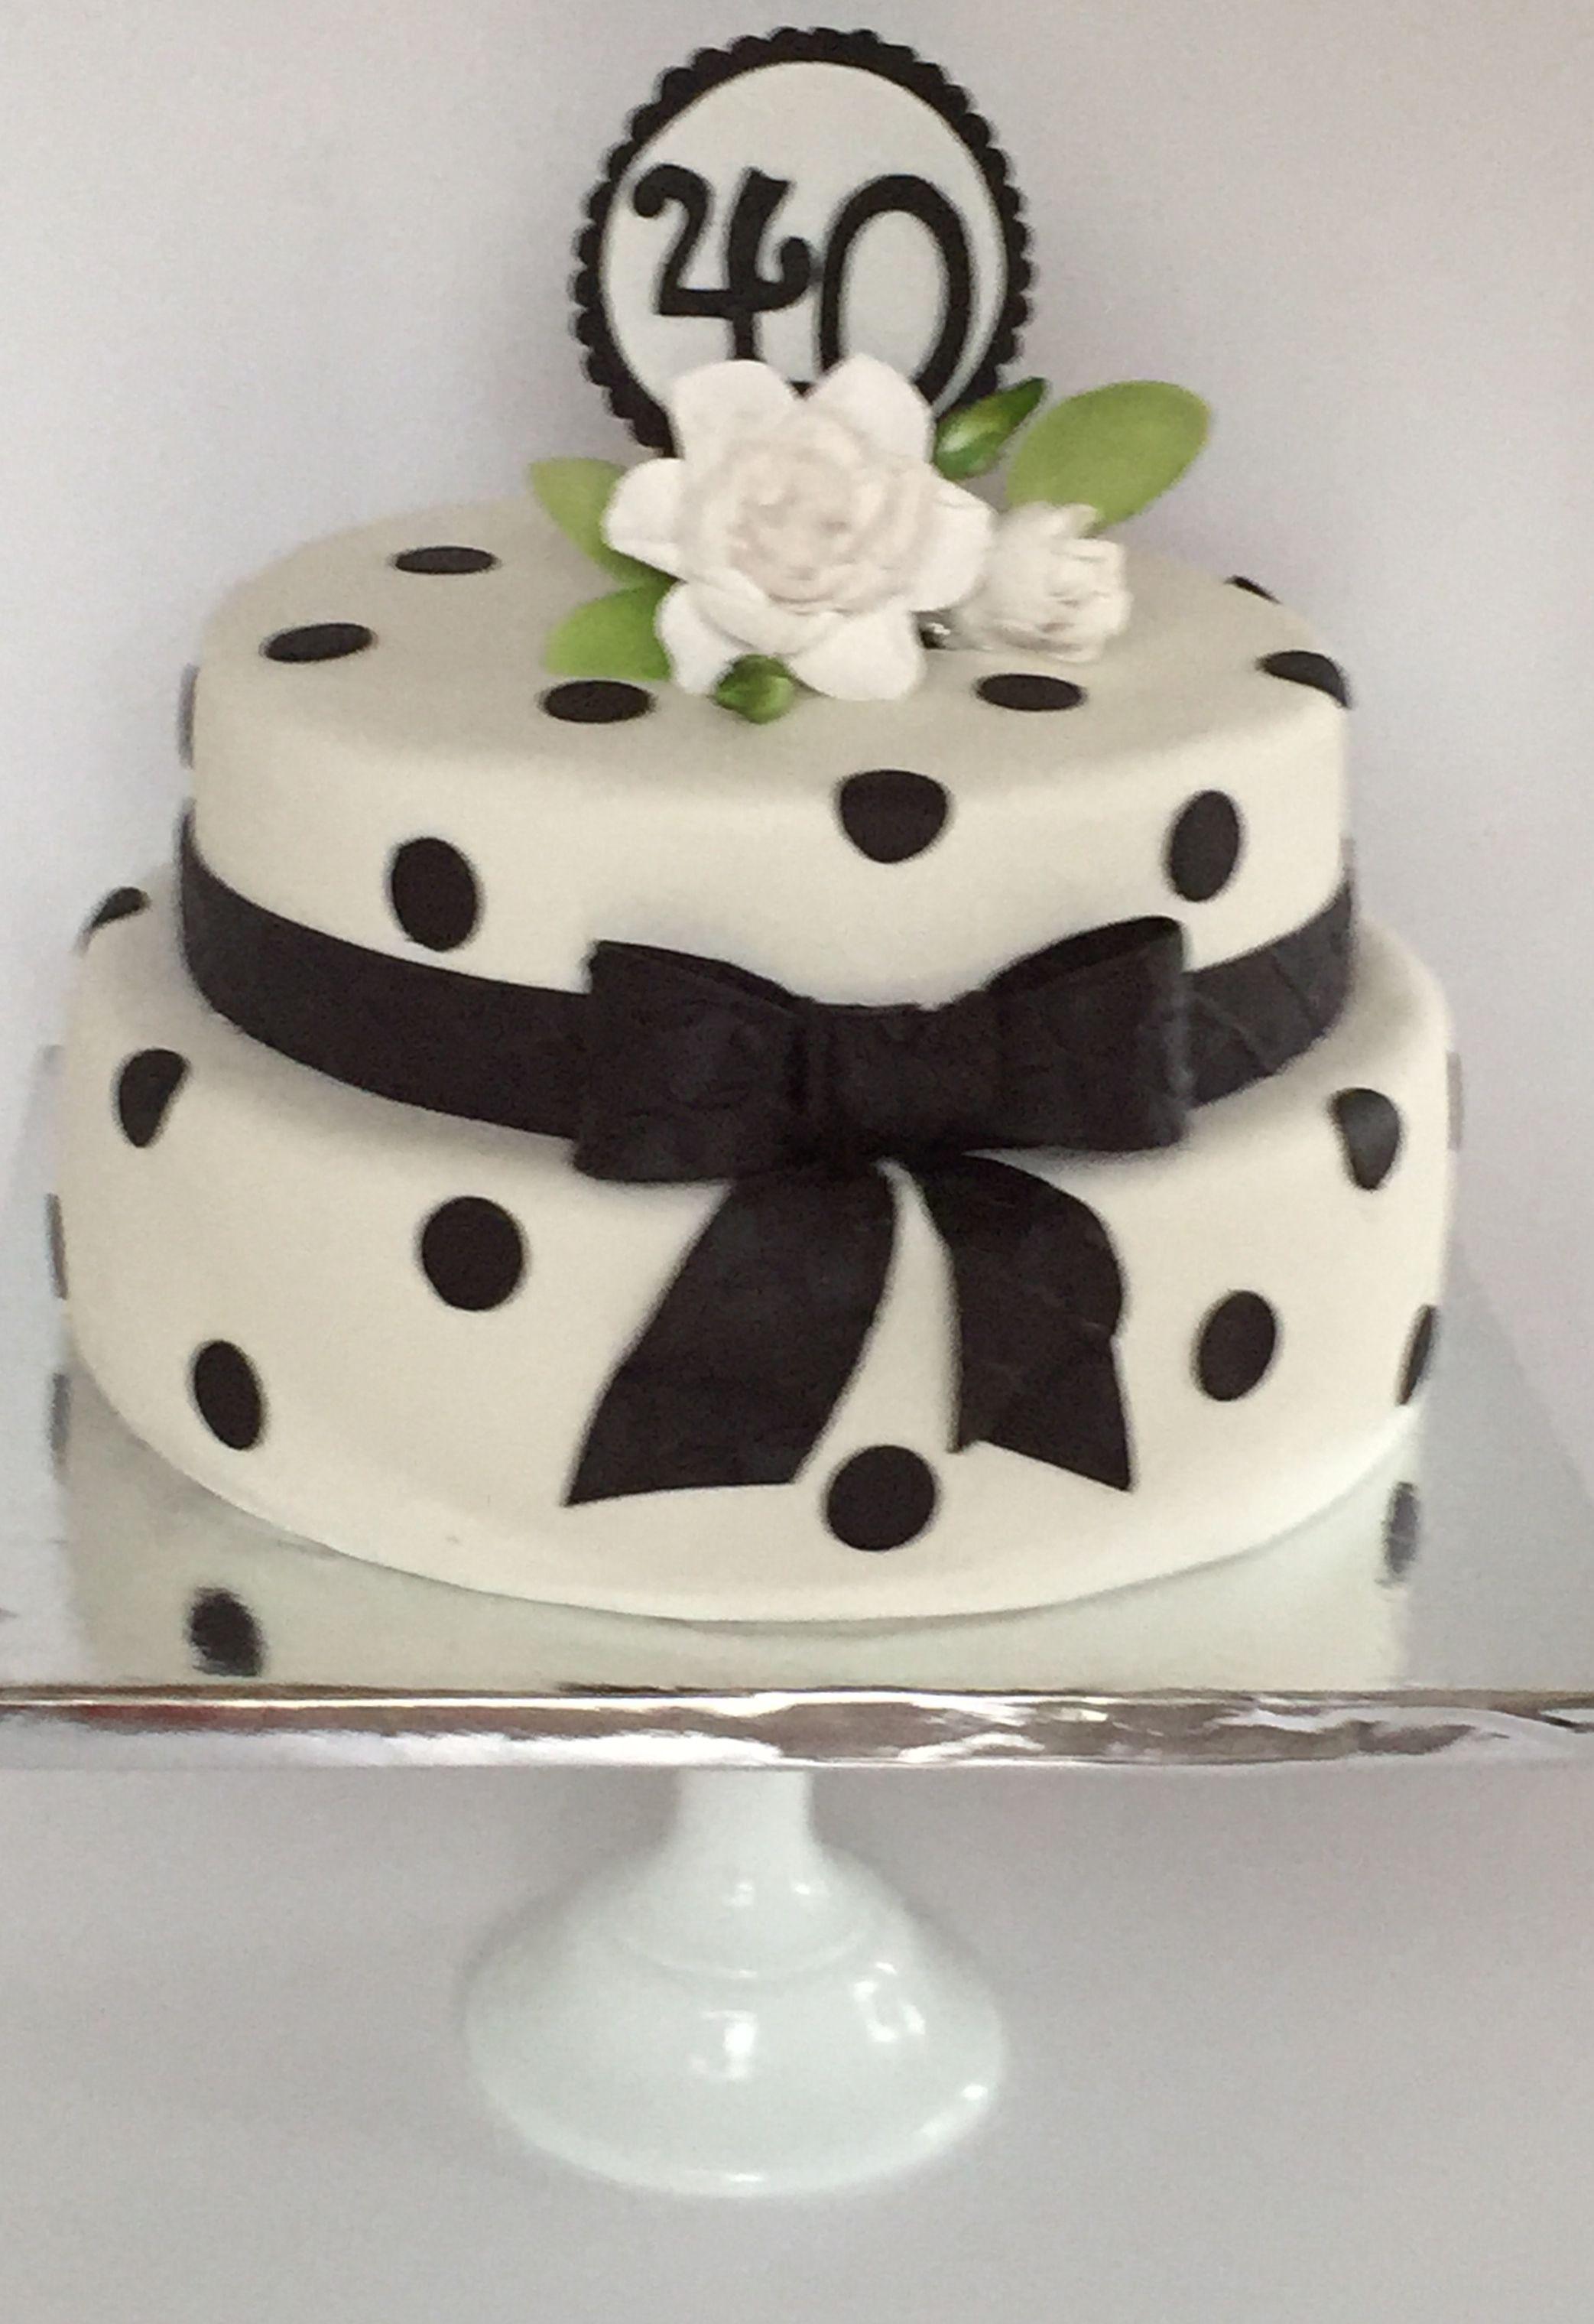 Cakesbykirsten Black And White Theme Birthday Cake With Gardenia Blackwhitethemecake 4othbirthdaycake